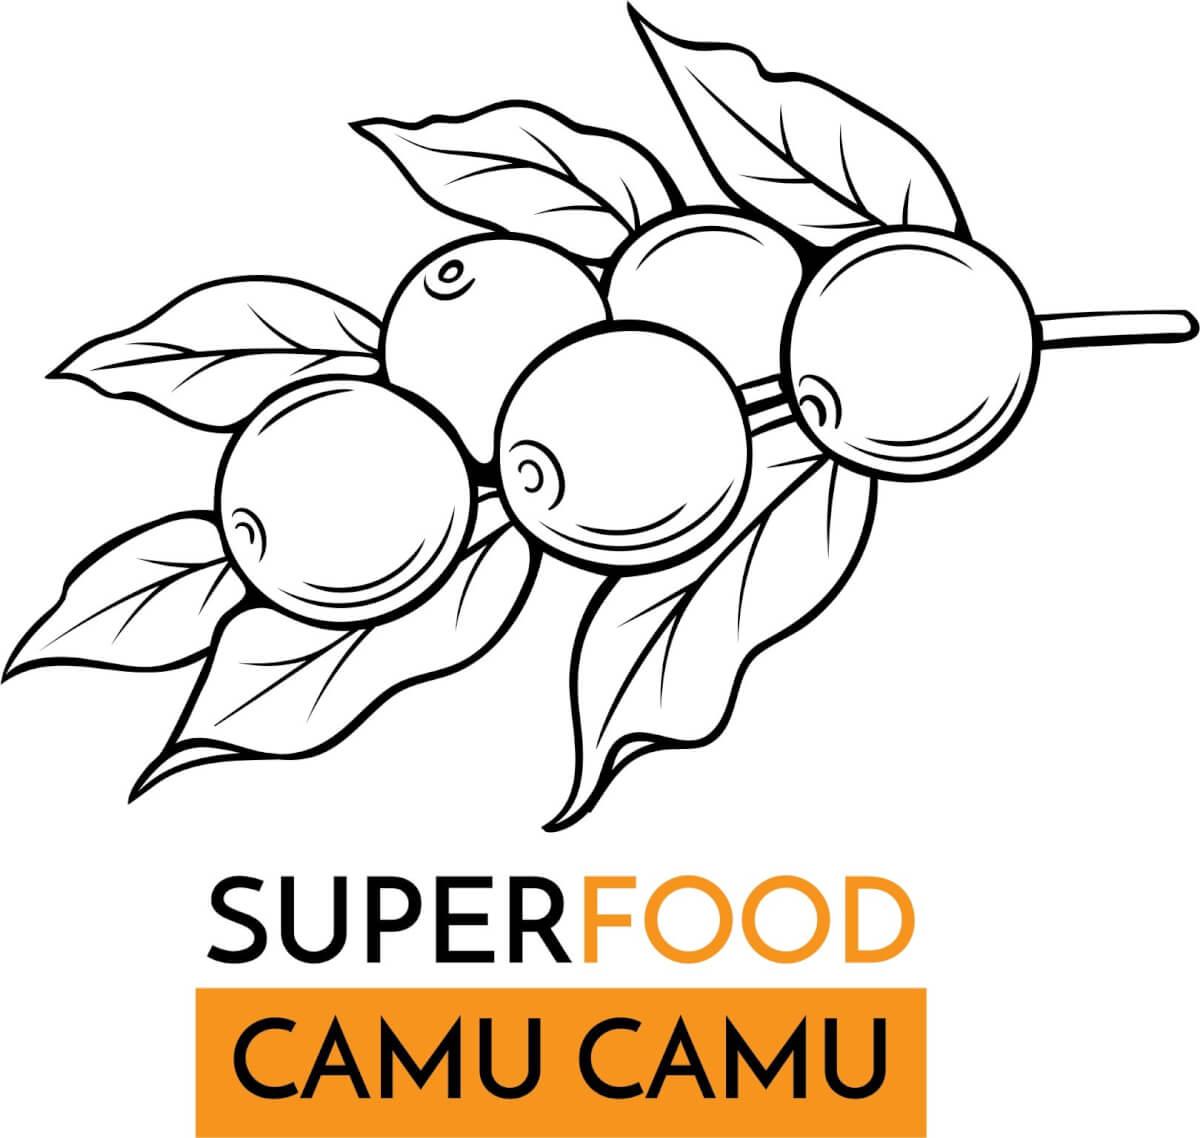 Superfood Camu Camu Grafik